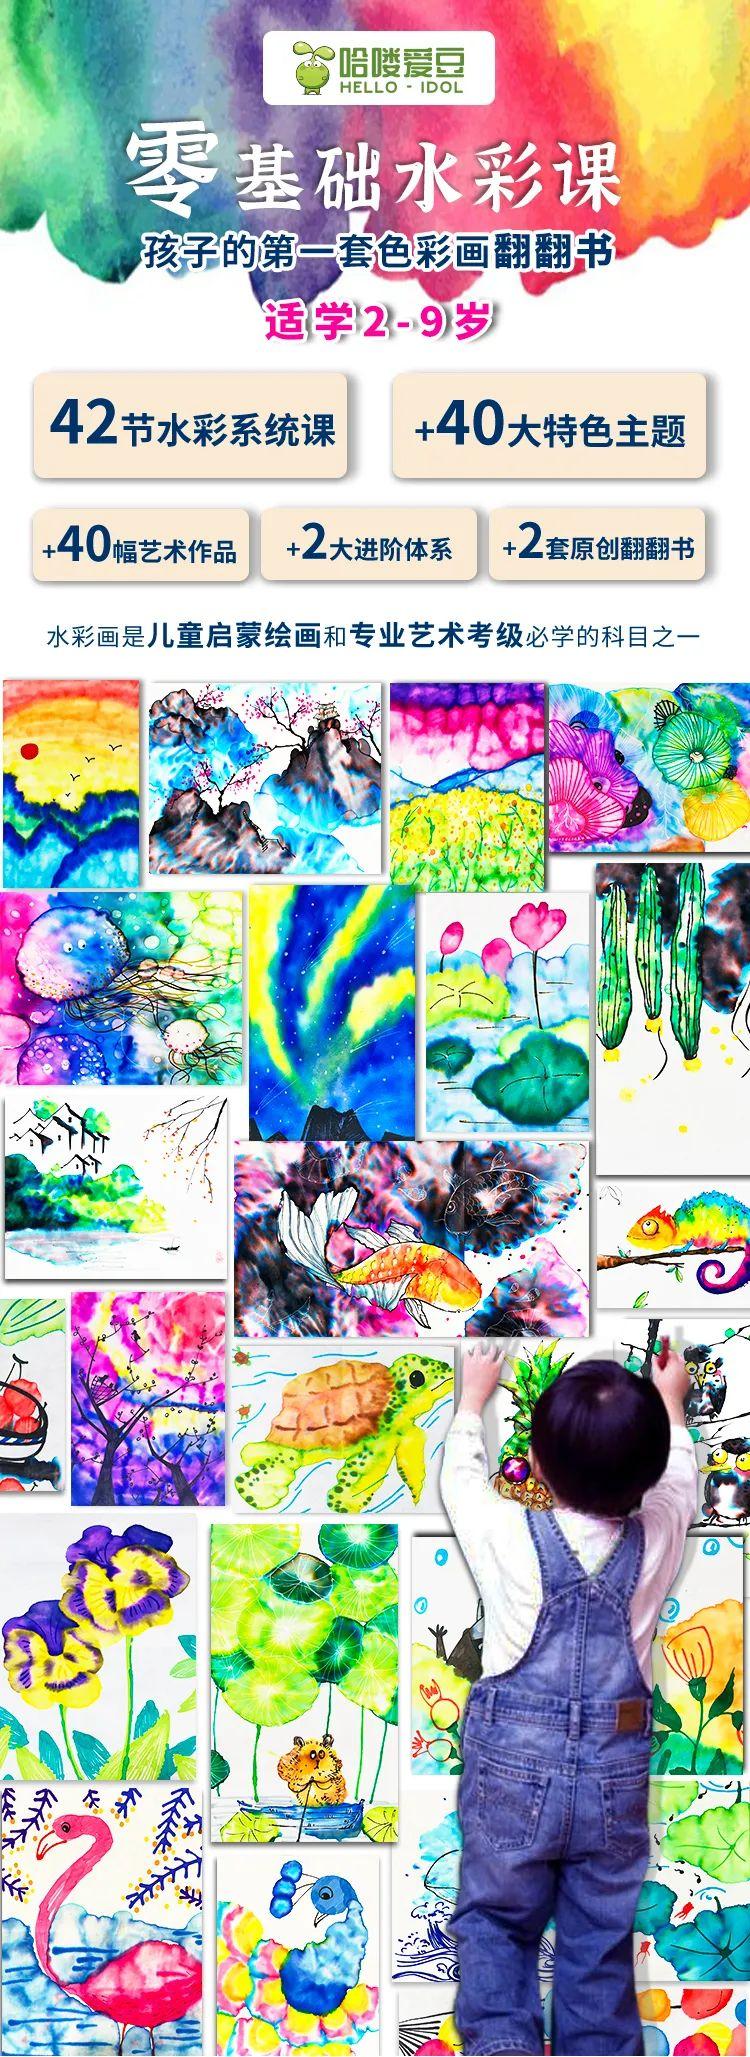 【一定要上的0基础水彩课,孩子原创DIY水彩画翻翻书刷屏朋友圈】特惠体验价49.9元,赠送绘画工具+翻翻书材料,培养孩子艺术细胞